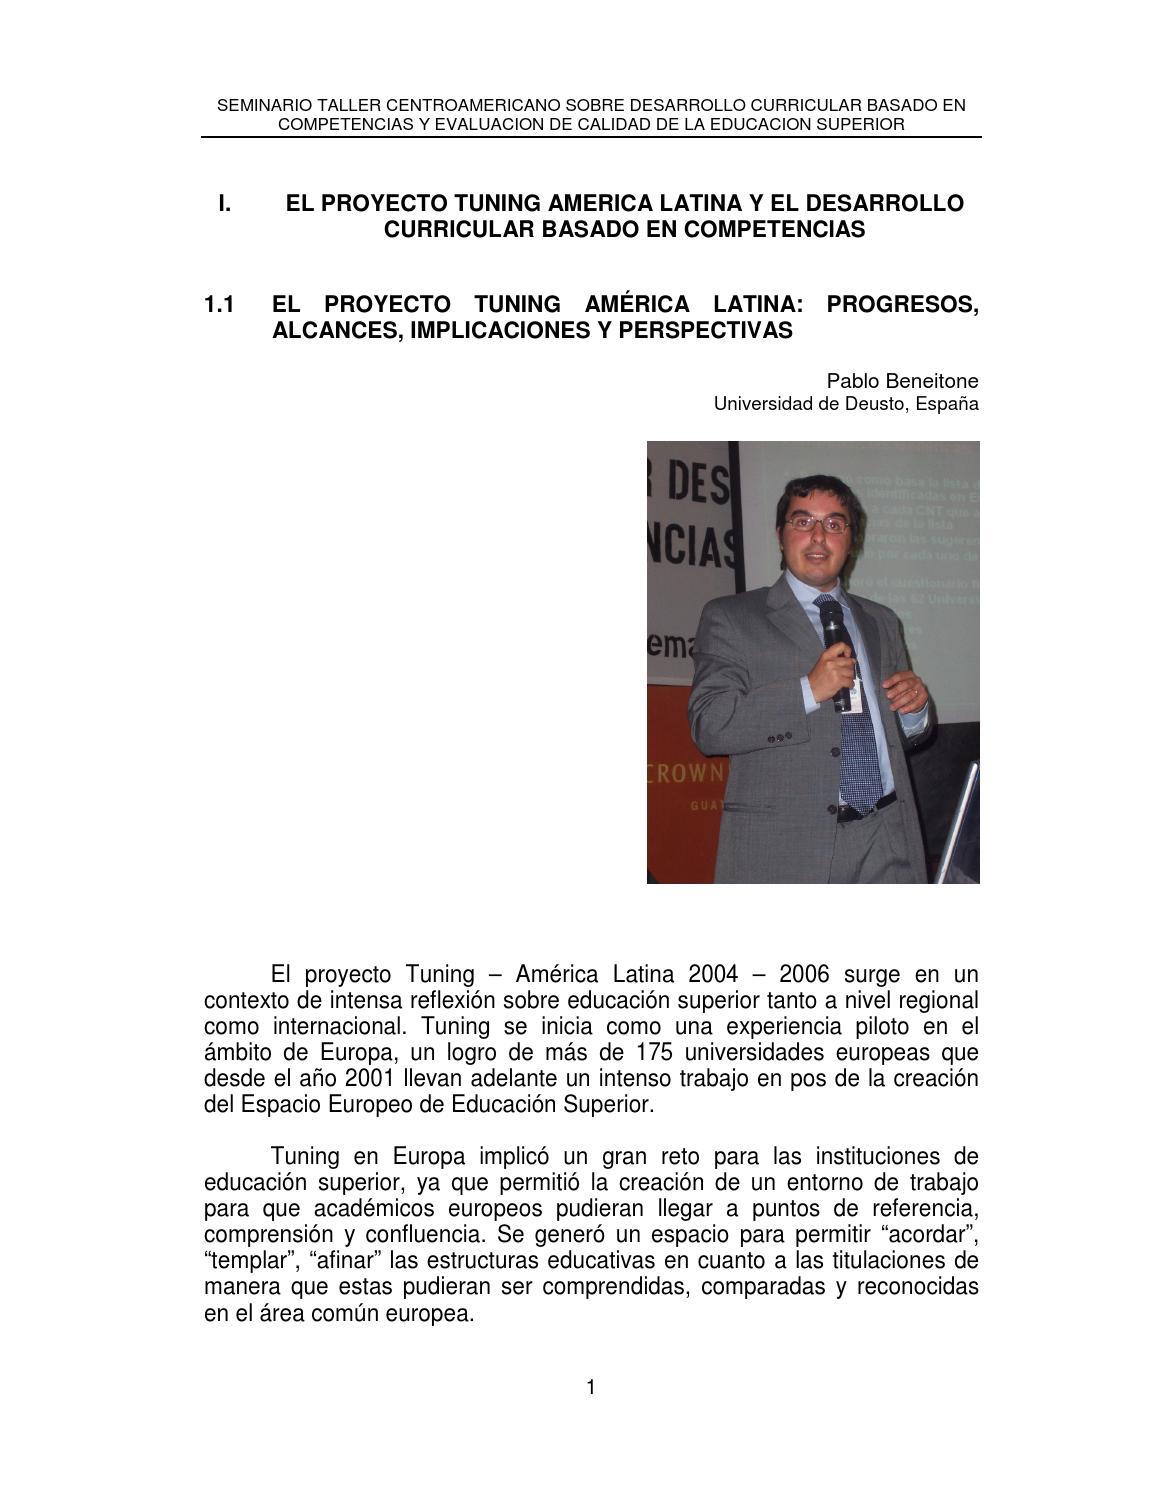 122 memoria i seminario taller sobre desarrollo curricular basado en ...